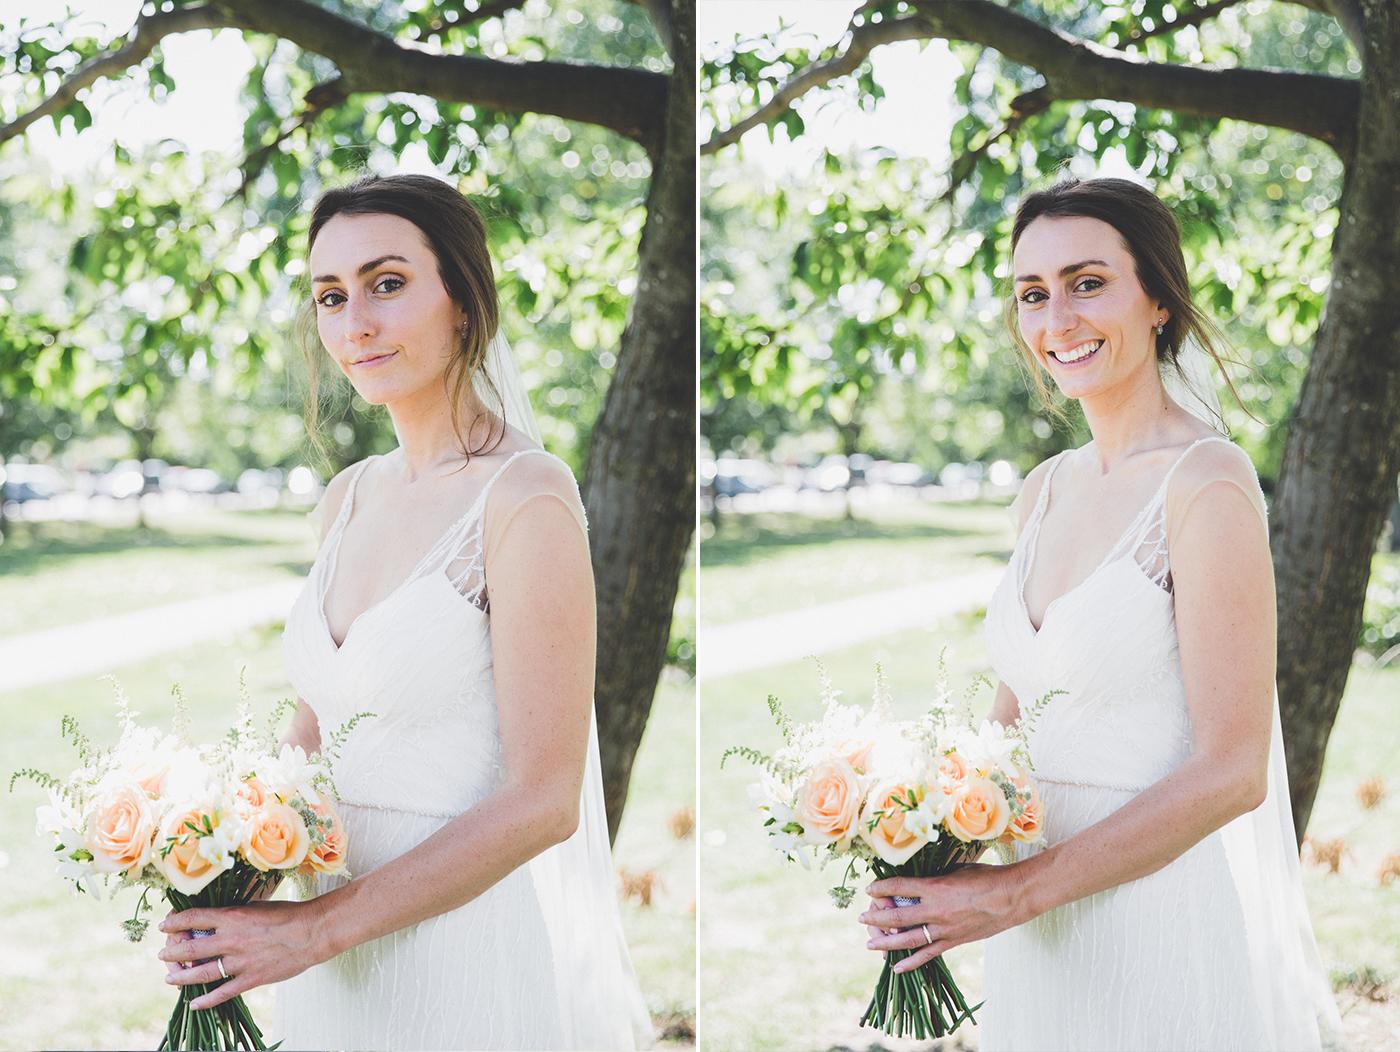 london-wedding-photographer-43.jpg